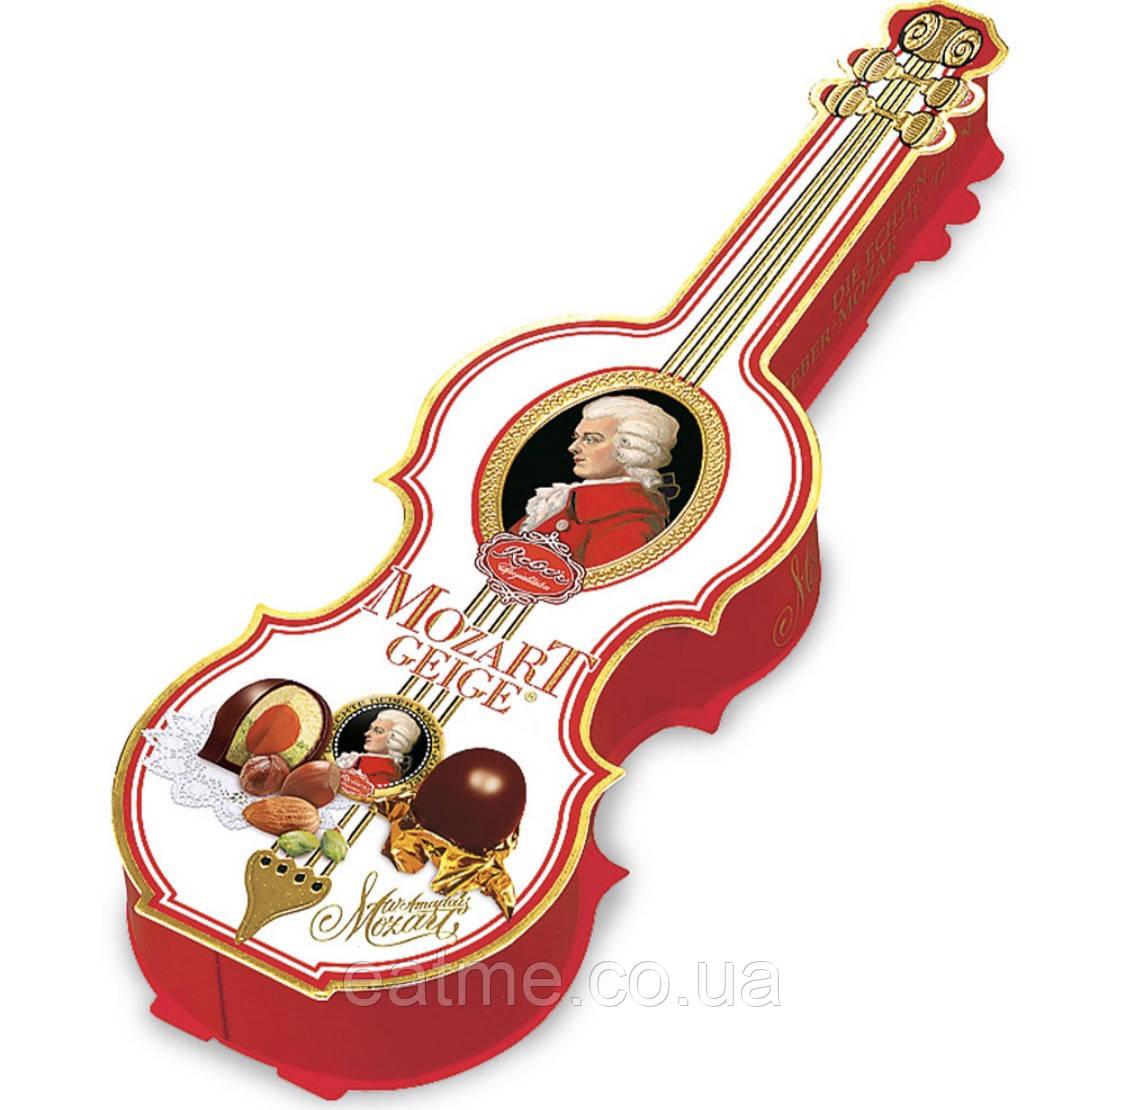 Reber Mozart Geige коробка конфет в виде скрипки с конфетами Моцарт